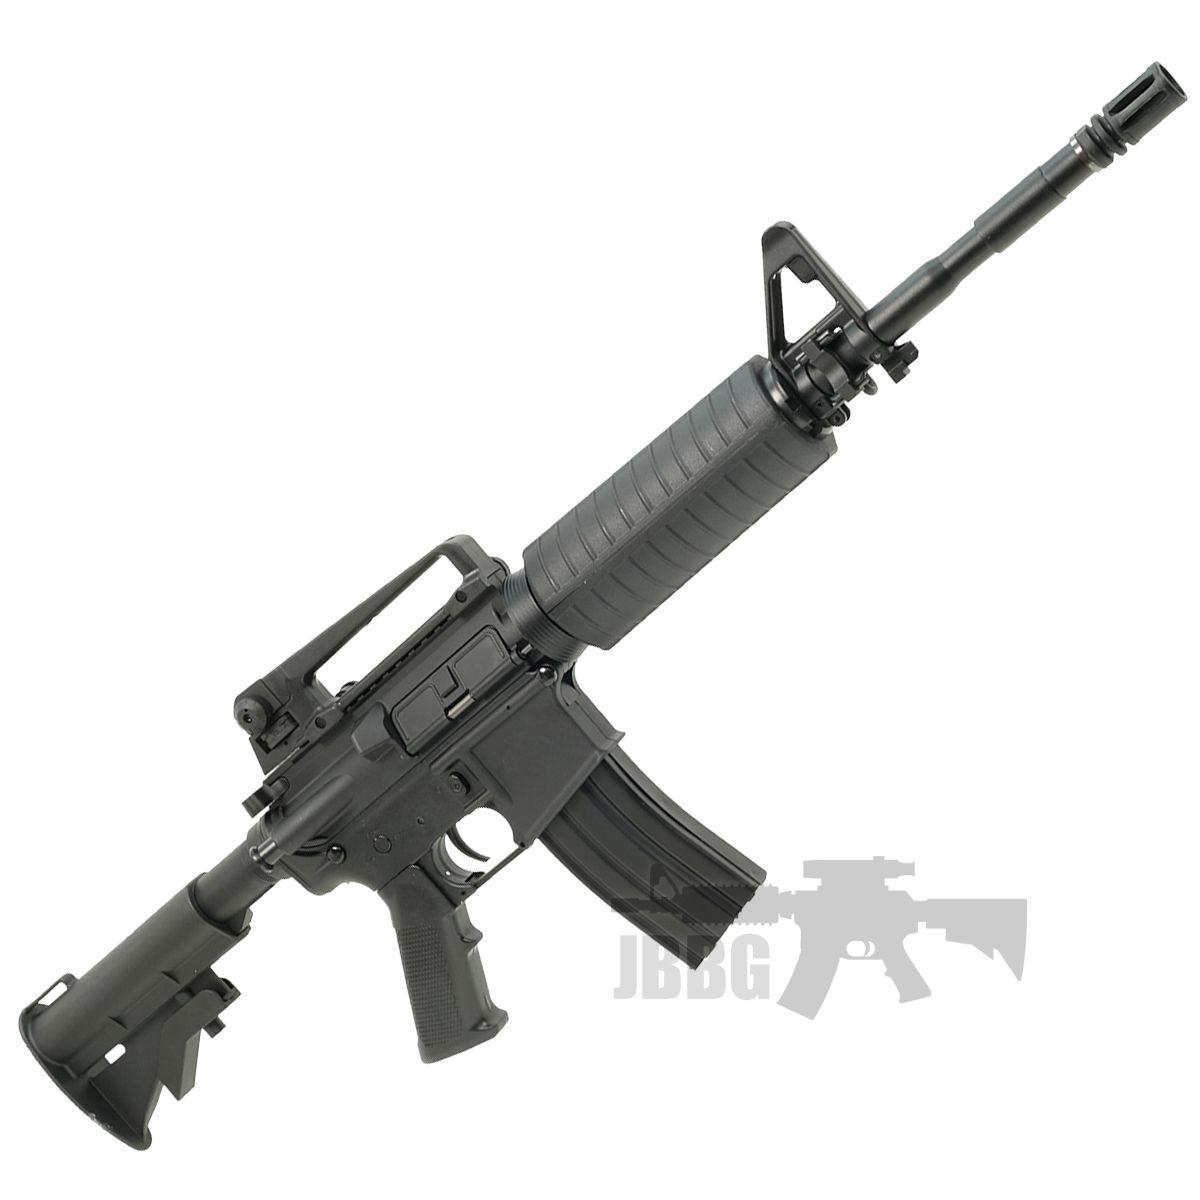 SR4A1 M4 Carbine Sportline AEG Airsoft Gun 4